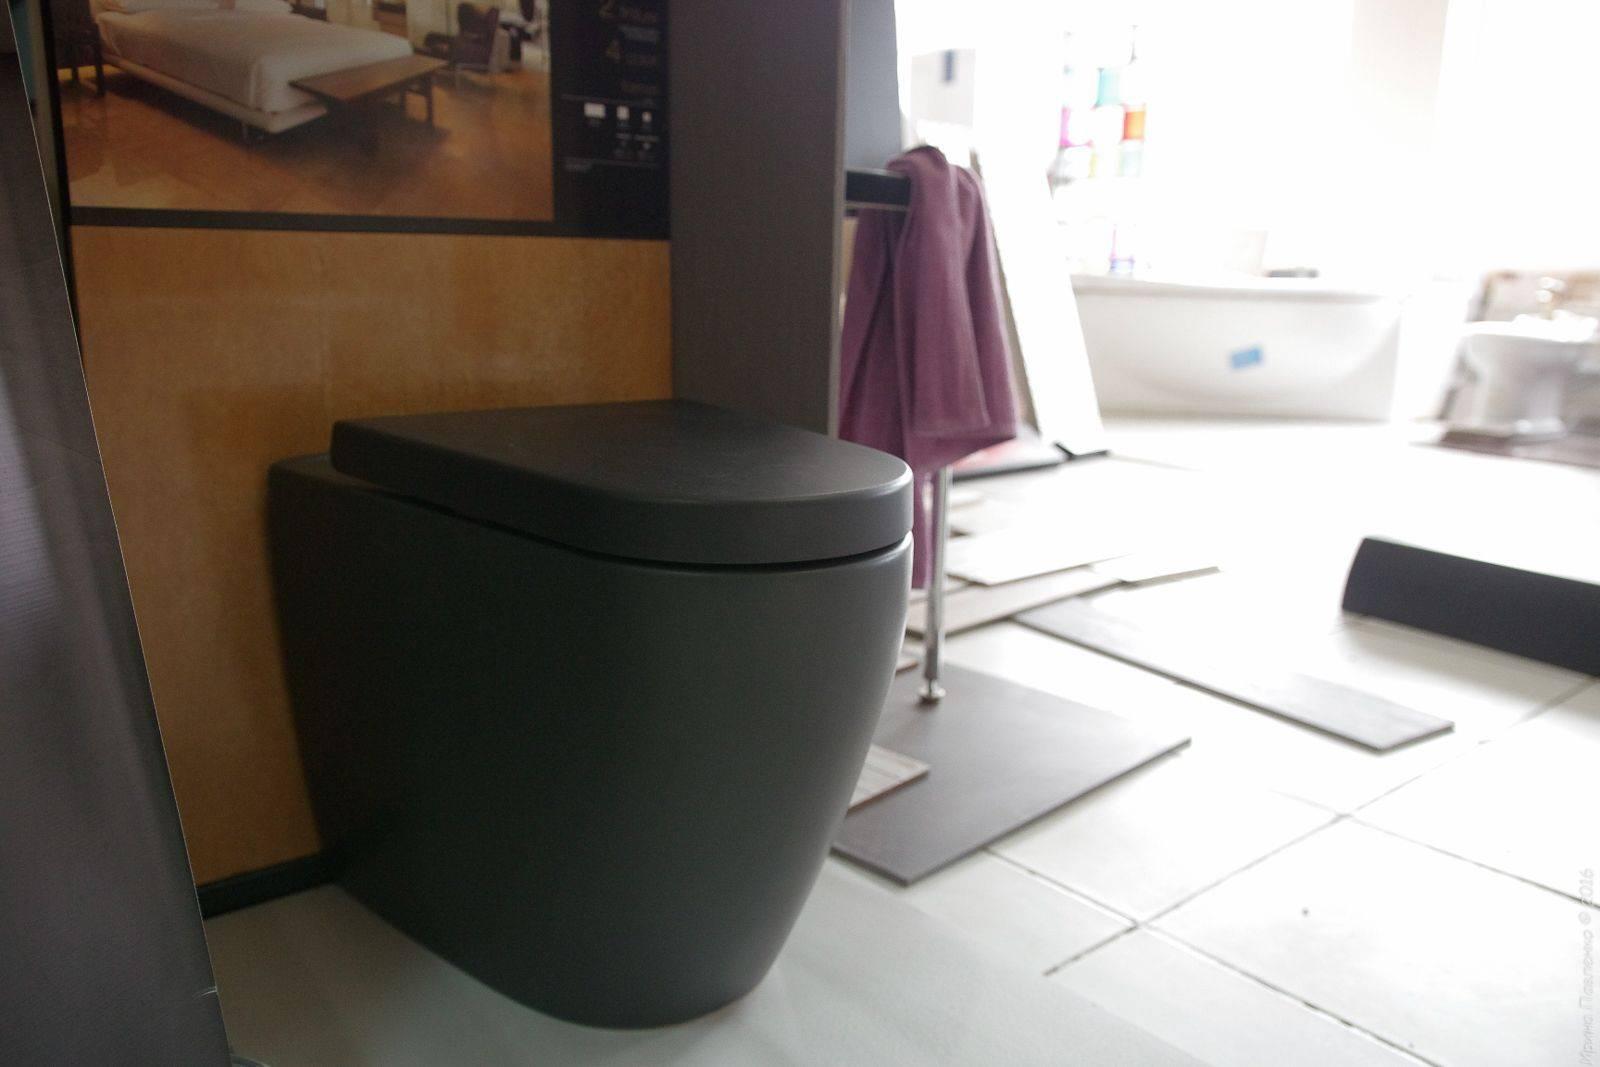 Черный туалет (49 фото): стиль дизайна в квартире с унитазом в темных тонах, красно-черный туалет с белым